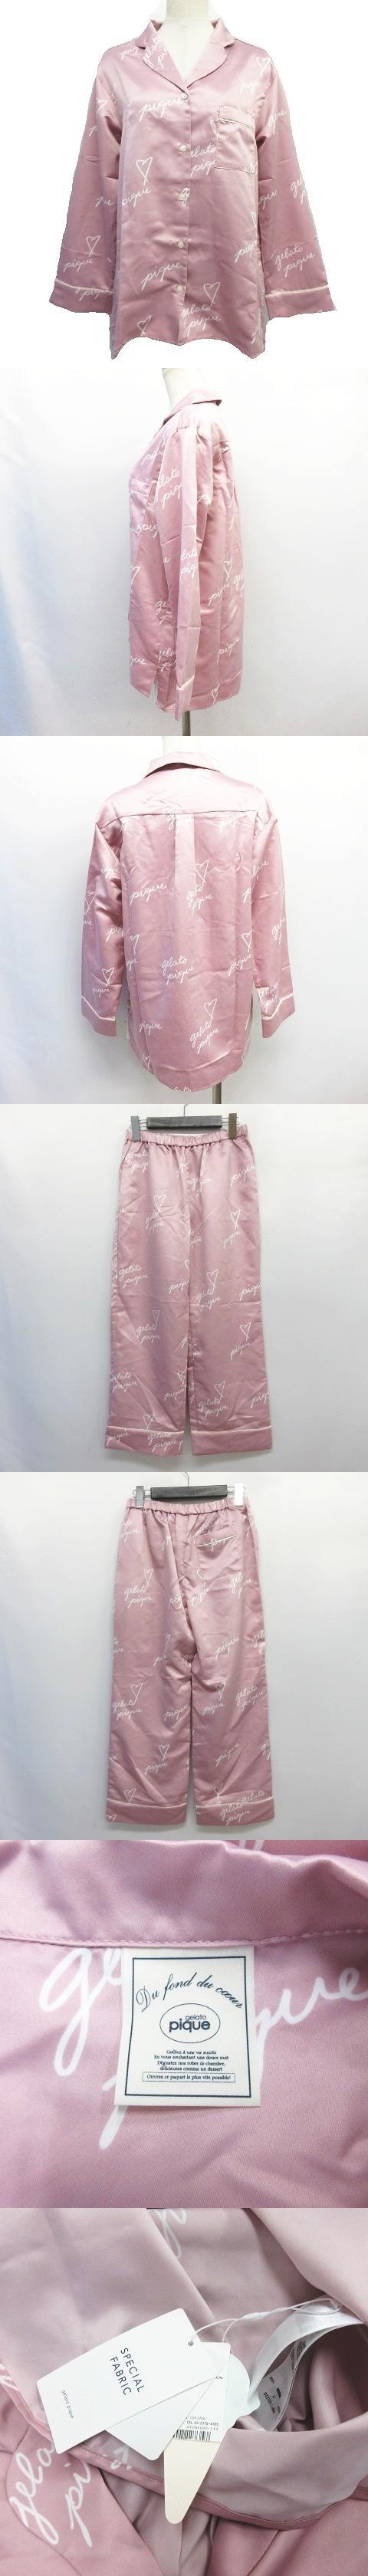 パジャマ 部屋着 ルームウェア 上下セット サテン ハート ロゴ柄 サイズF ピンク